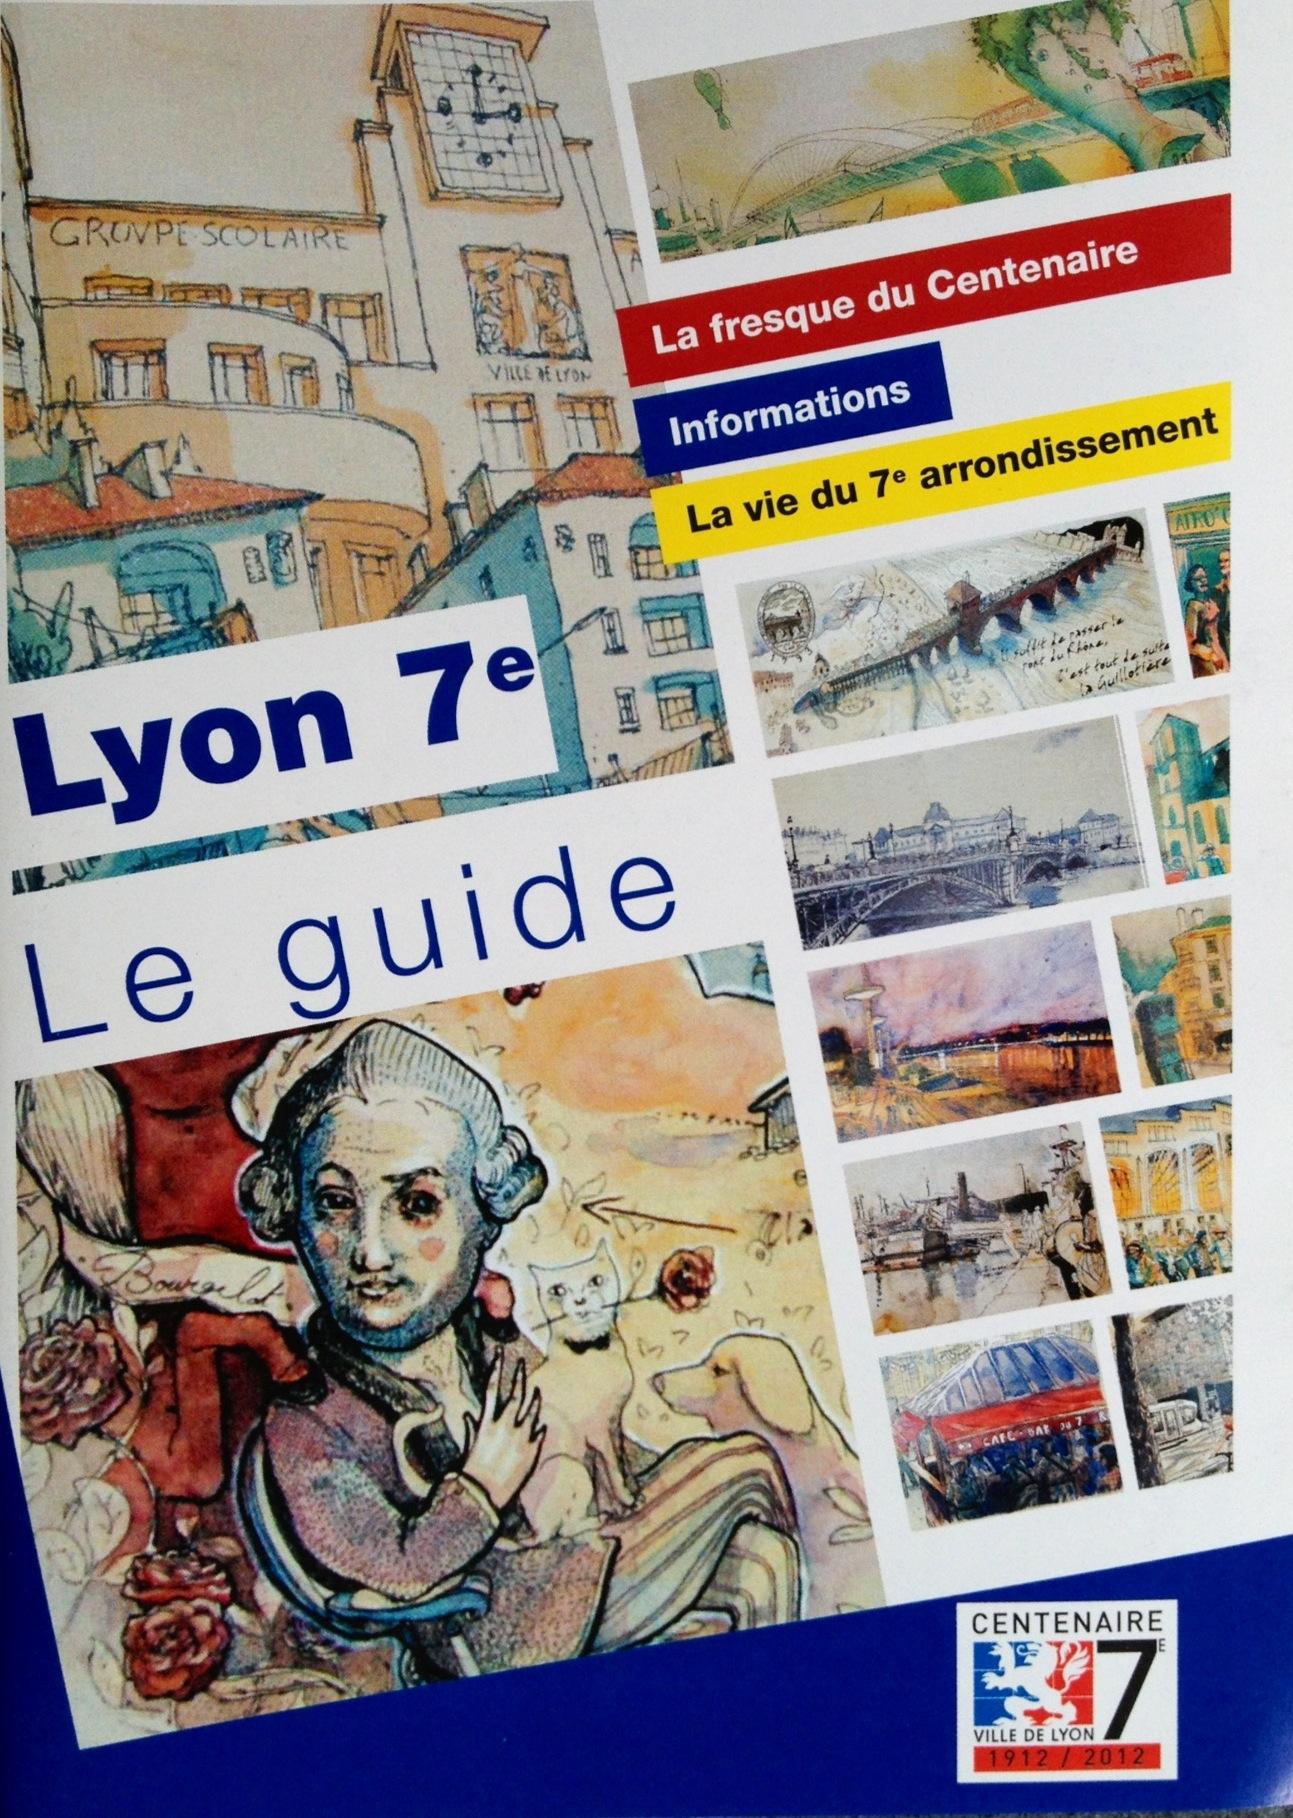 Lyon7LeGuide